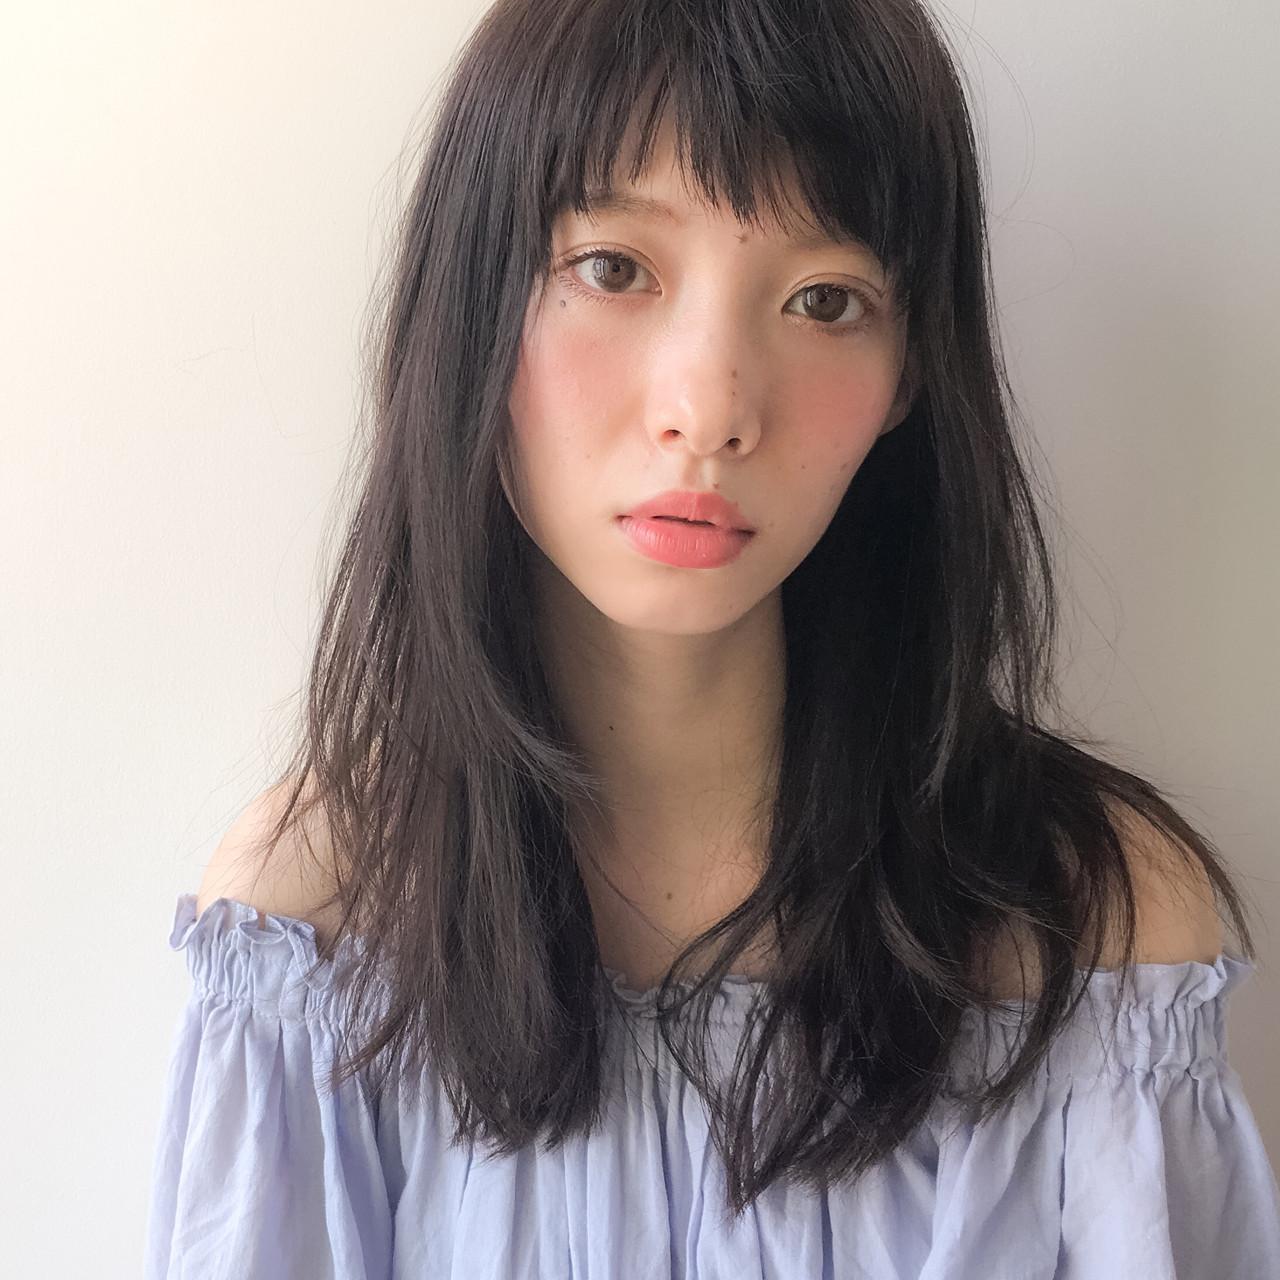 黒髪ロングヘア9